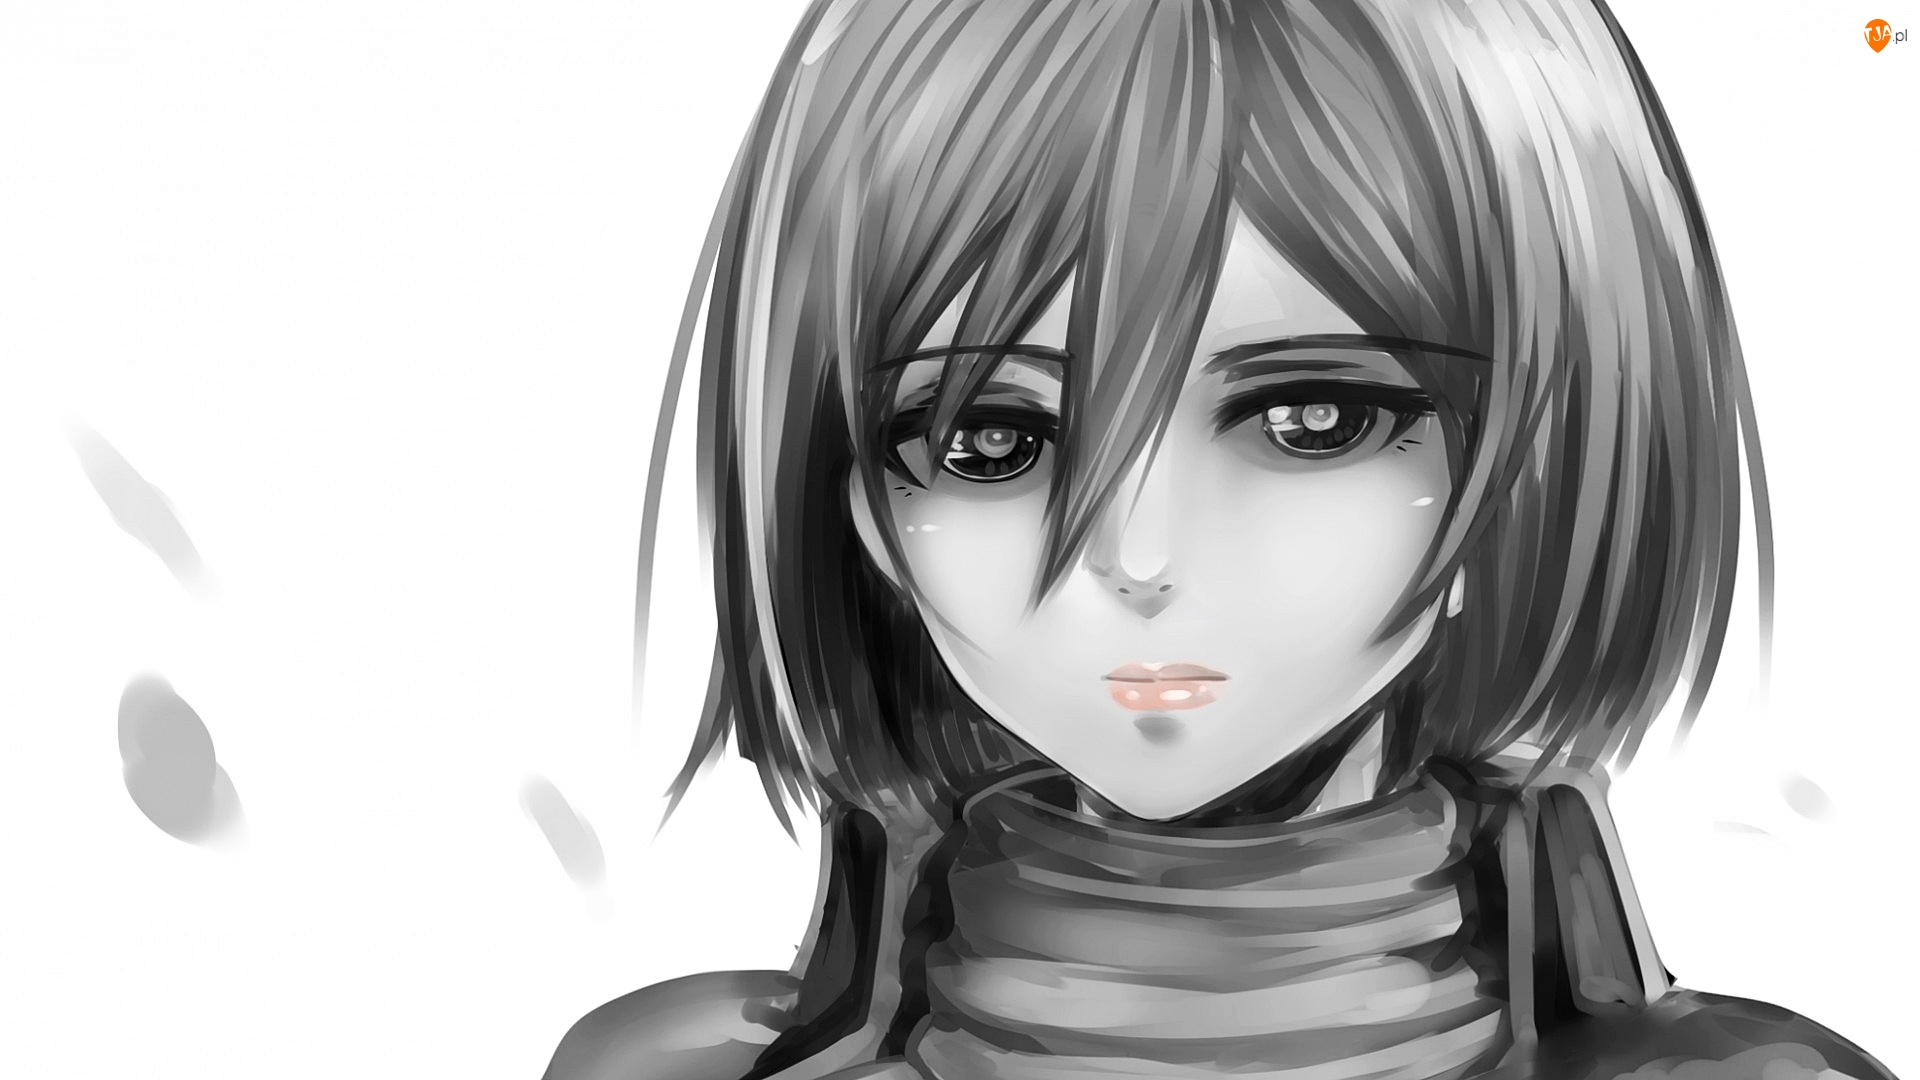 Dziewczyna, Twarz, Manga Anime, Grafika